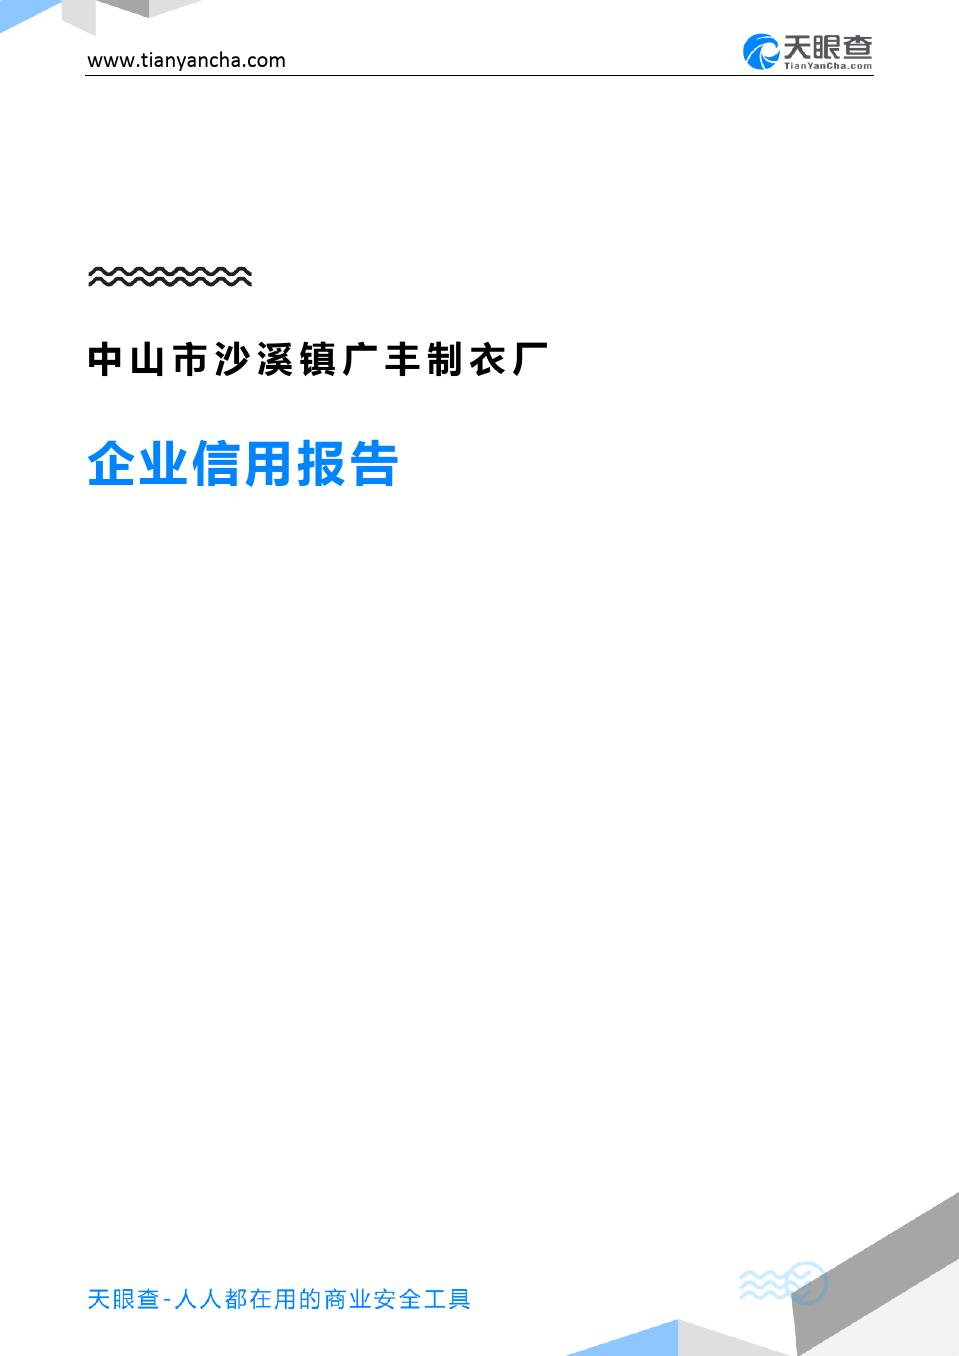 中山市沙溪��V�S制衣�S(企�I信用�蟾�)- 天眼查